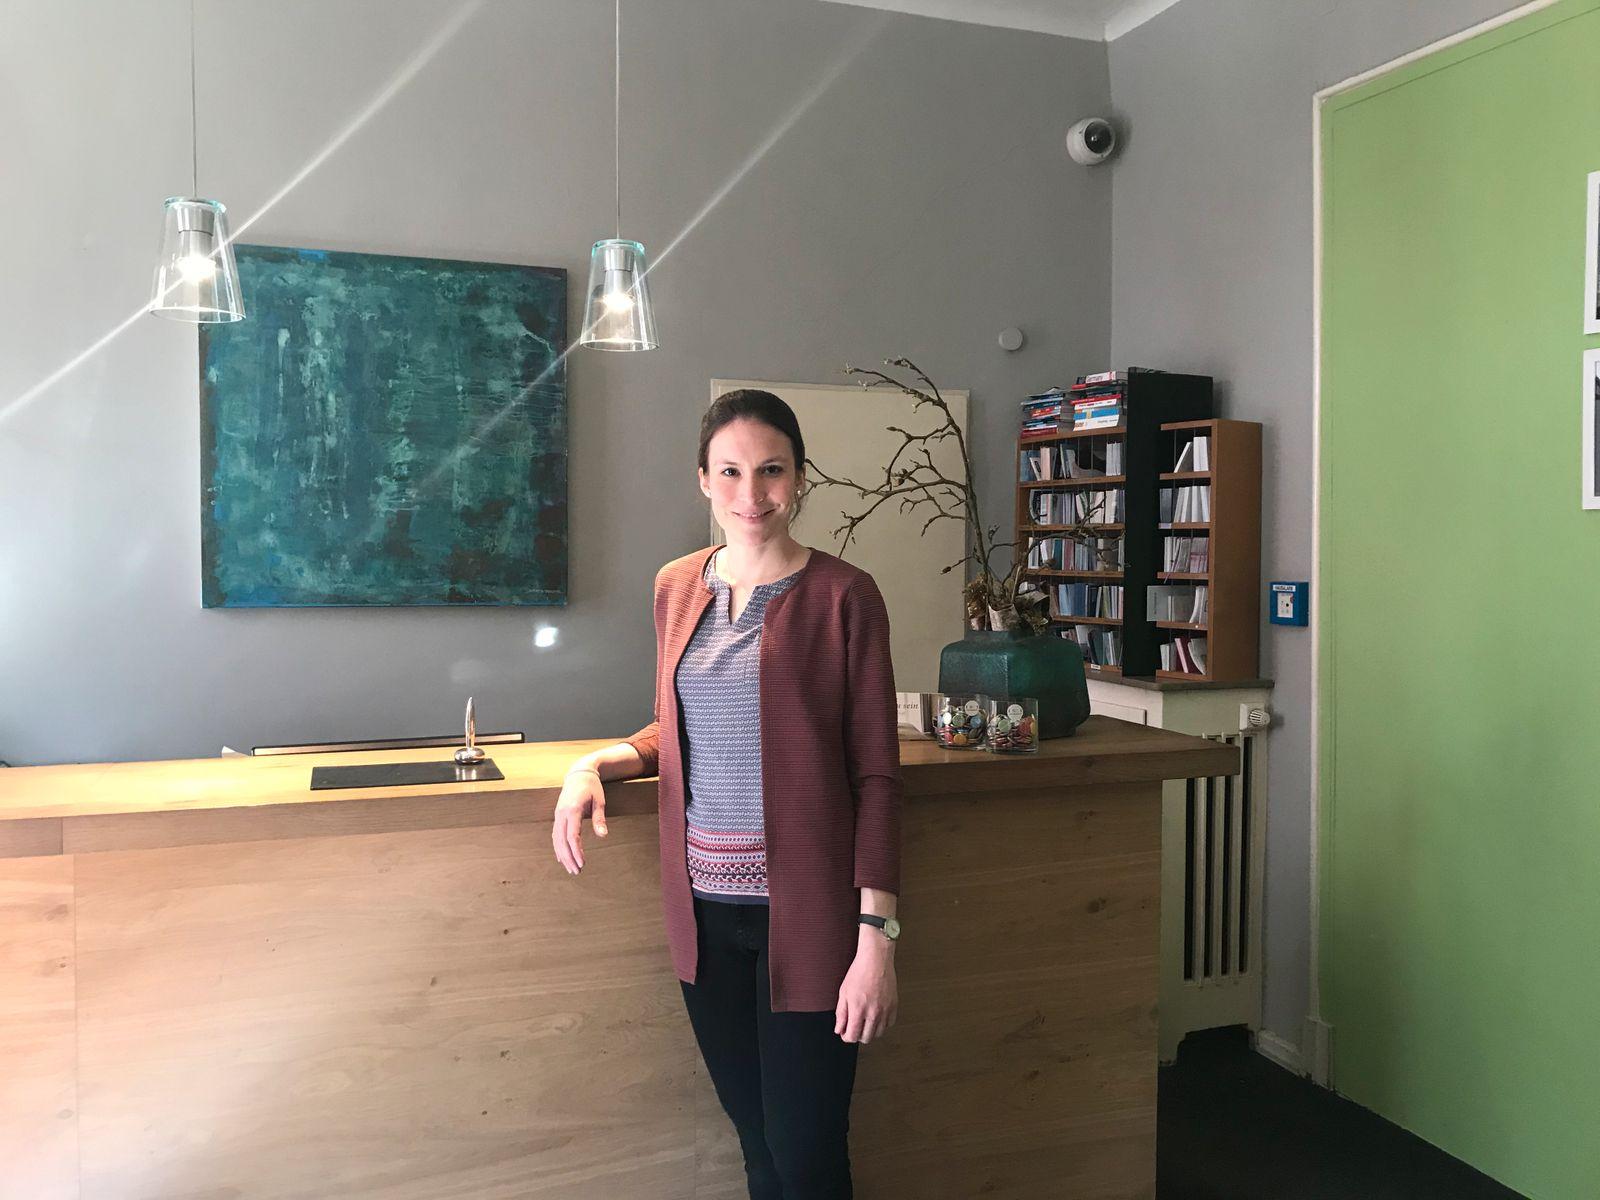 Home Office im Hotel/ Selbstversuch/ Wedina